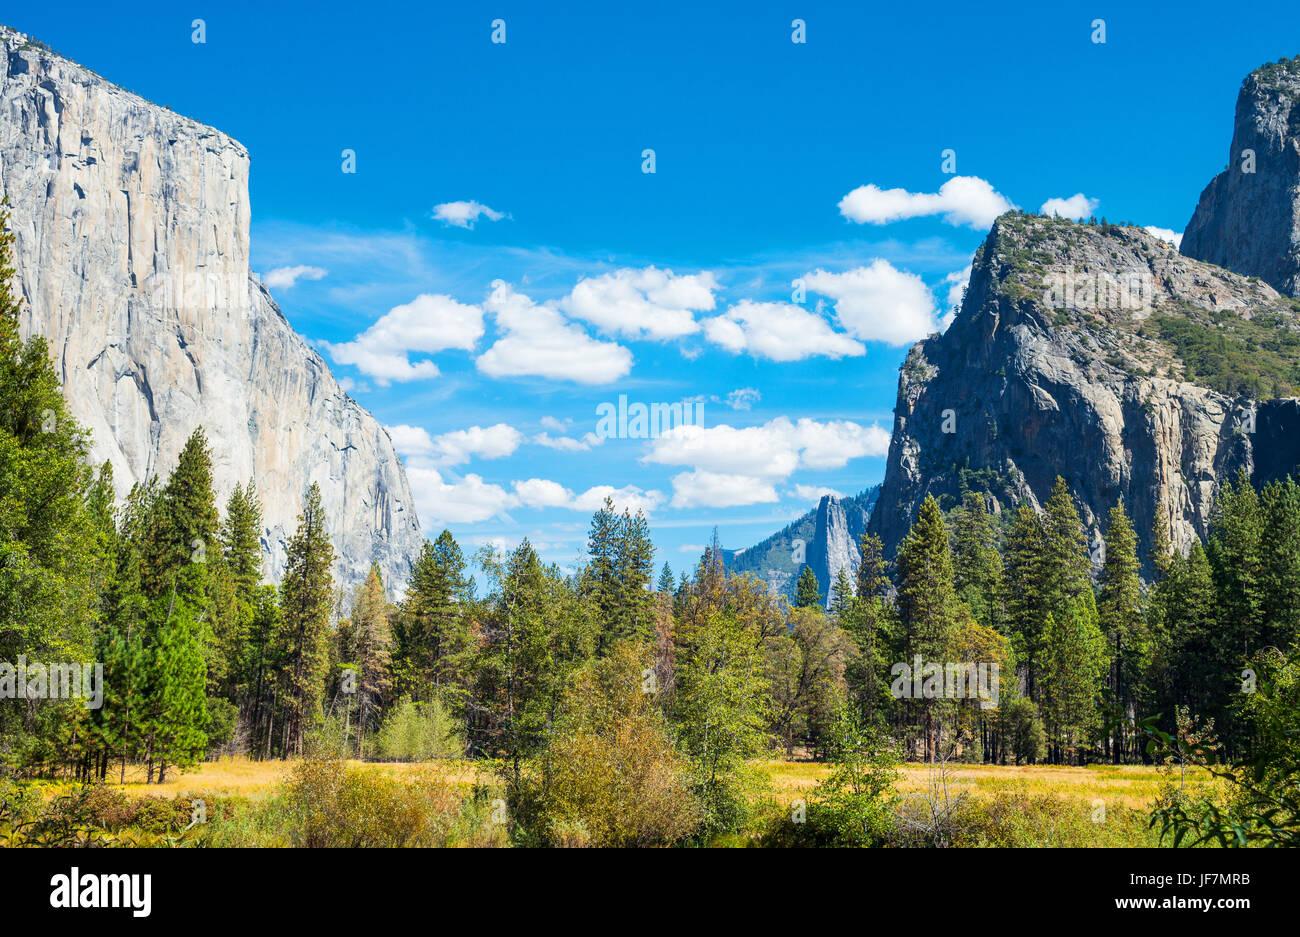 Parque Nacional Yosemite, California, vista panorámica del valle con el Capitan y las torres de la Catedral Imagen De Stock